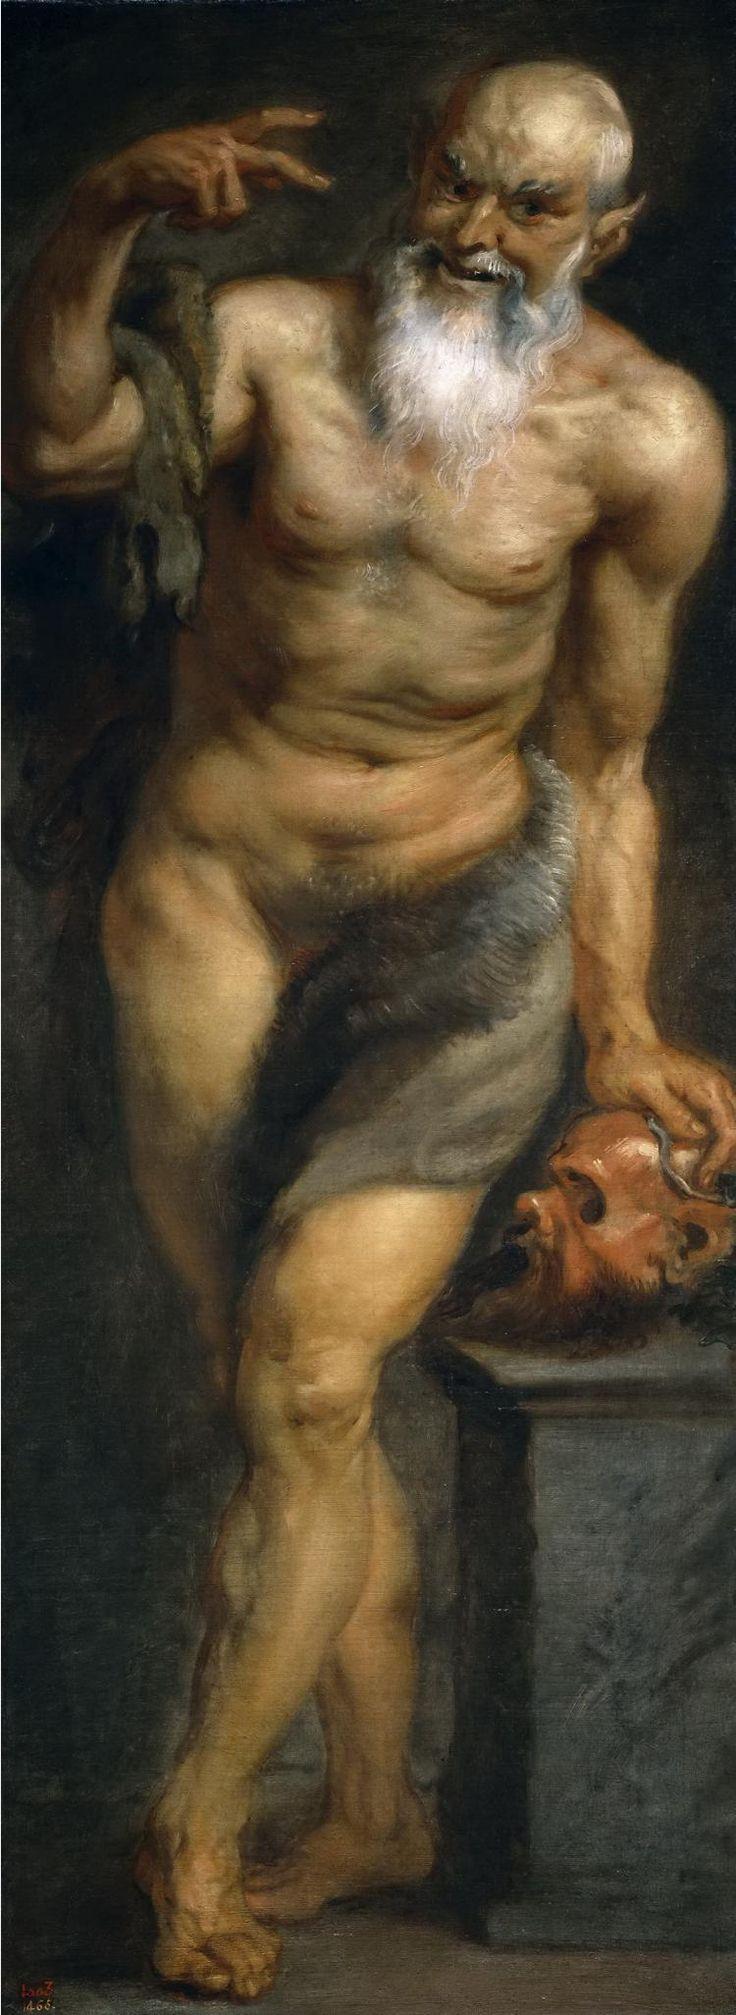 Питер Пауль Рубенс -  Сатир (мастерская)  (1636 - 1637) - Открыть в полный размер